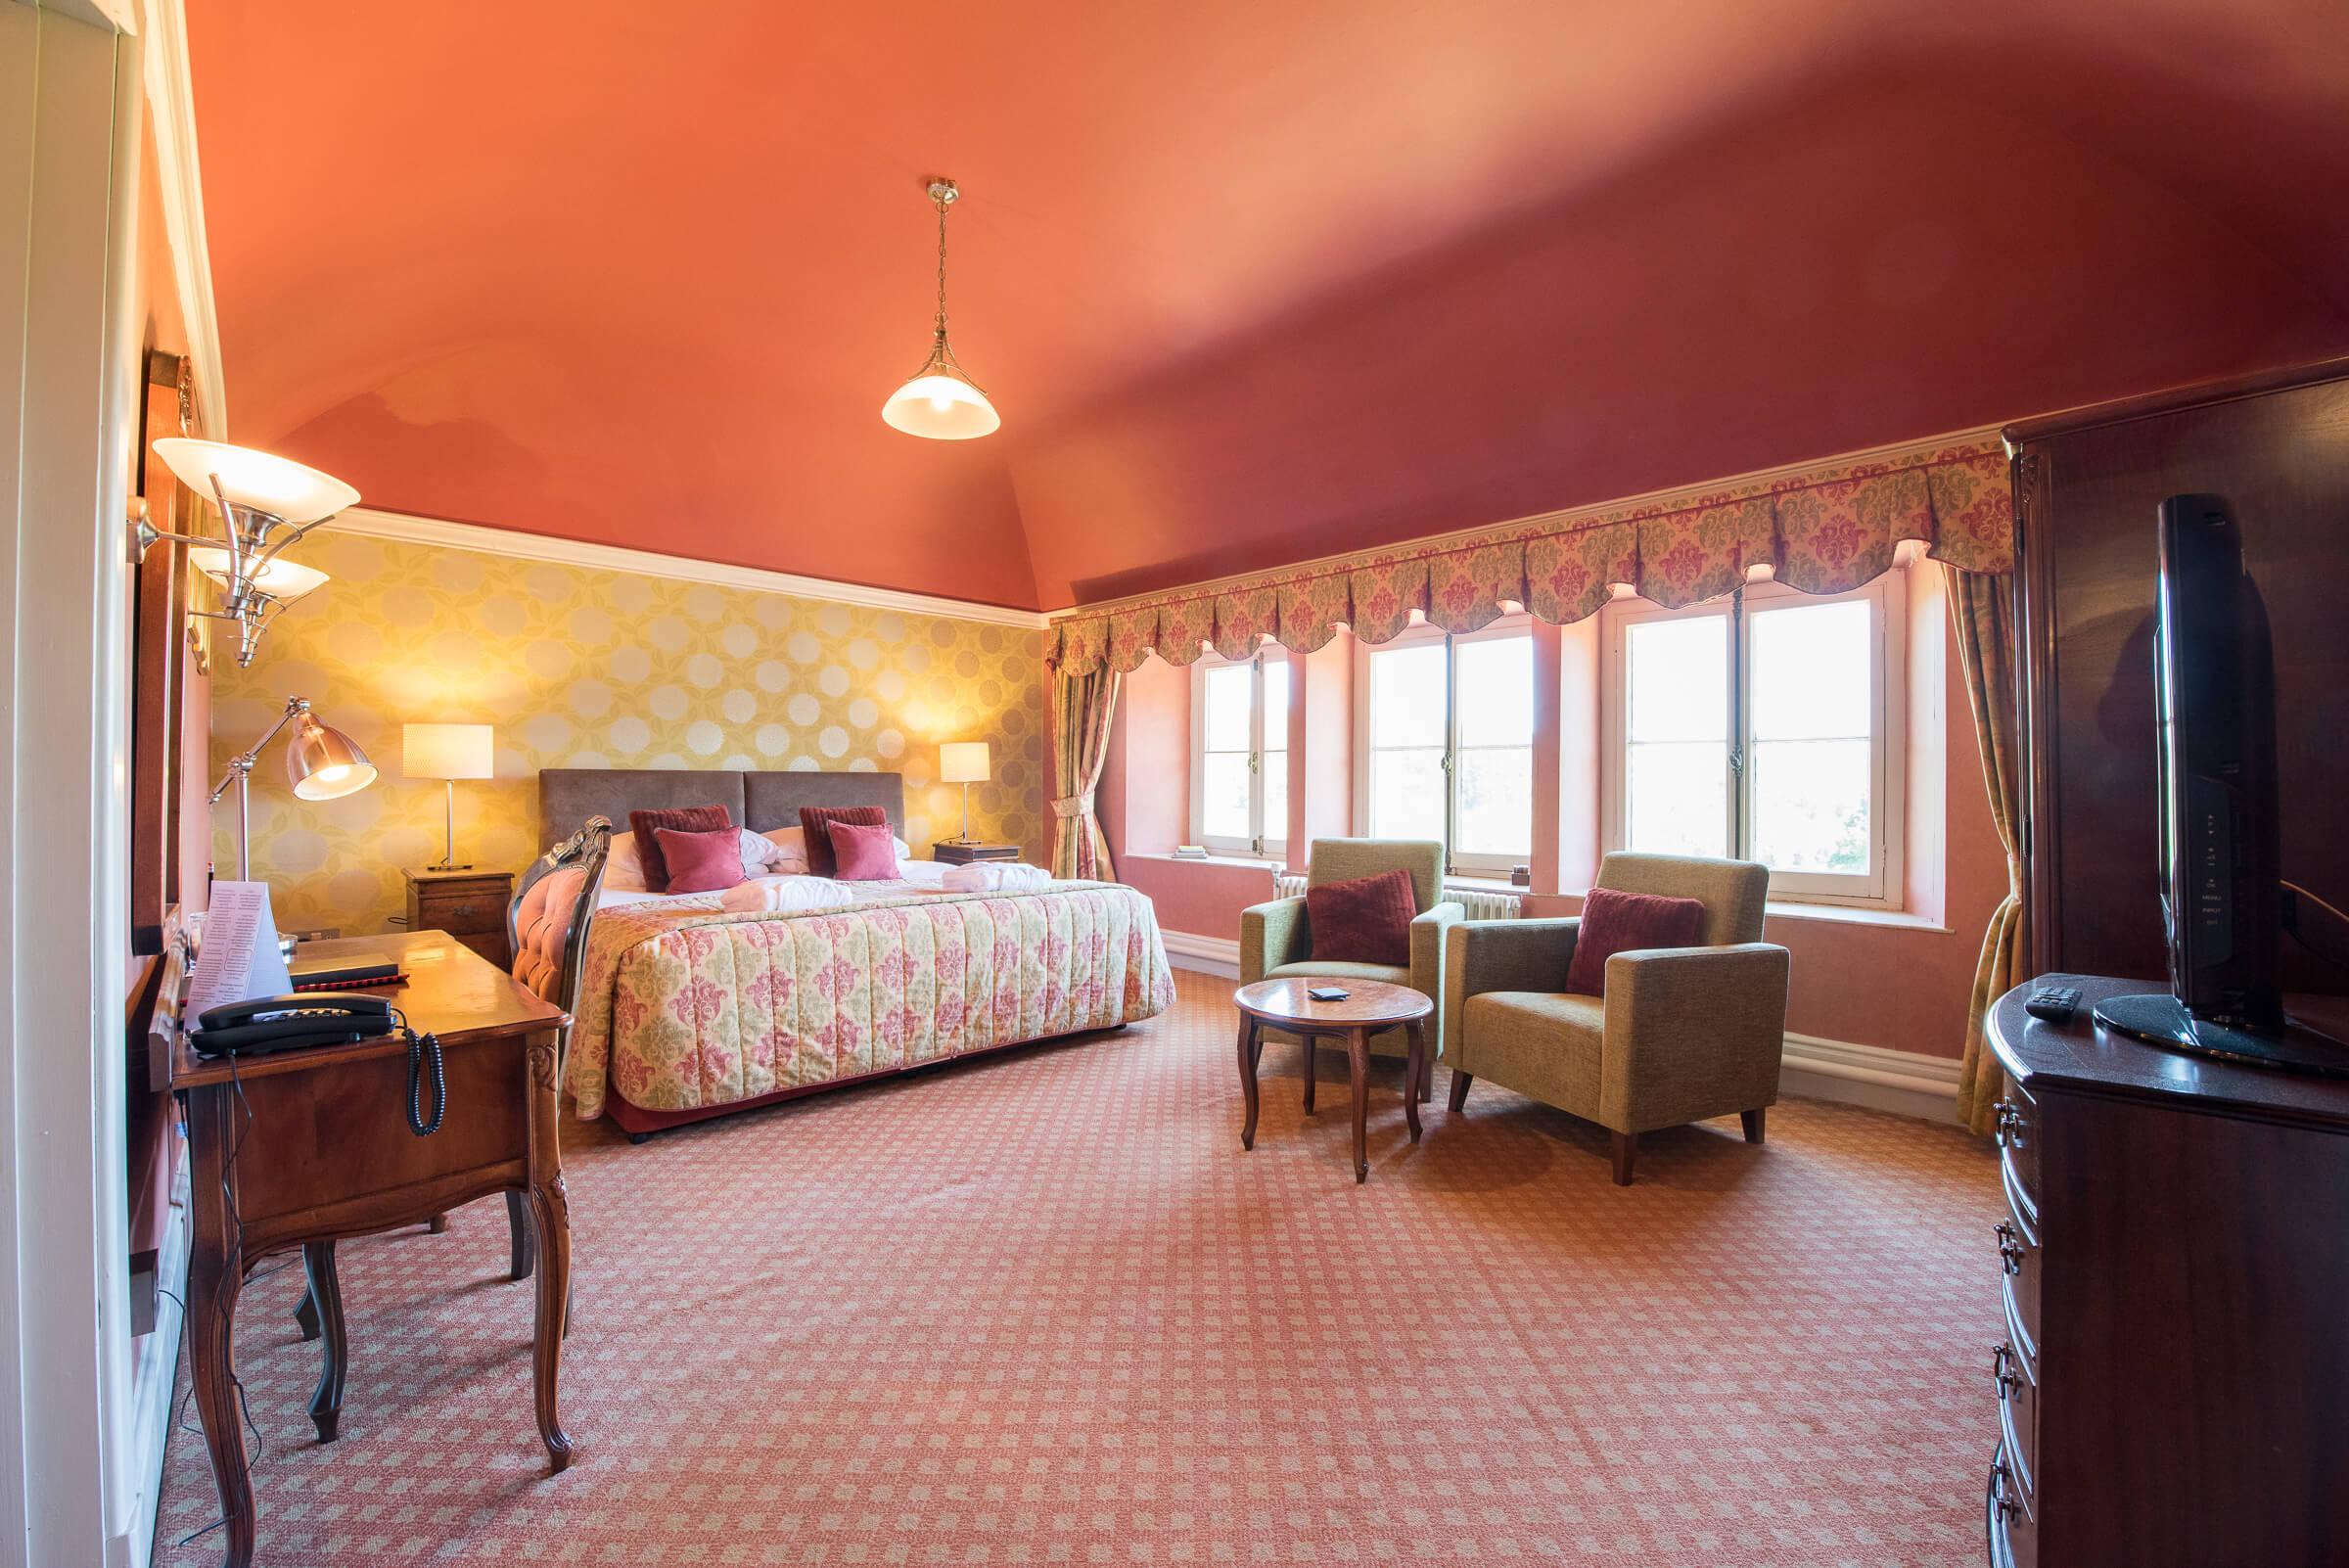 Room number 23